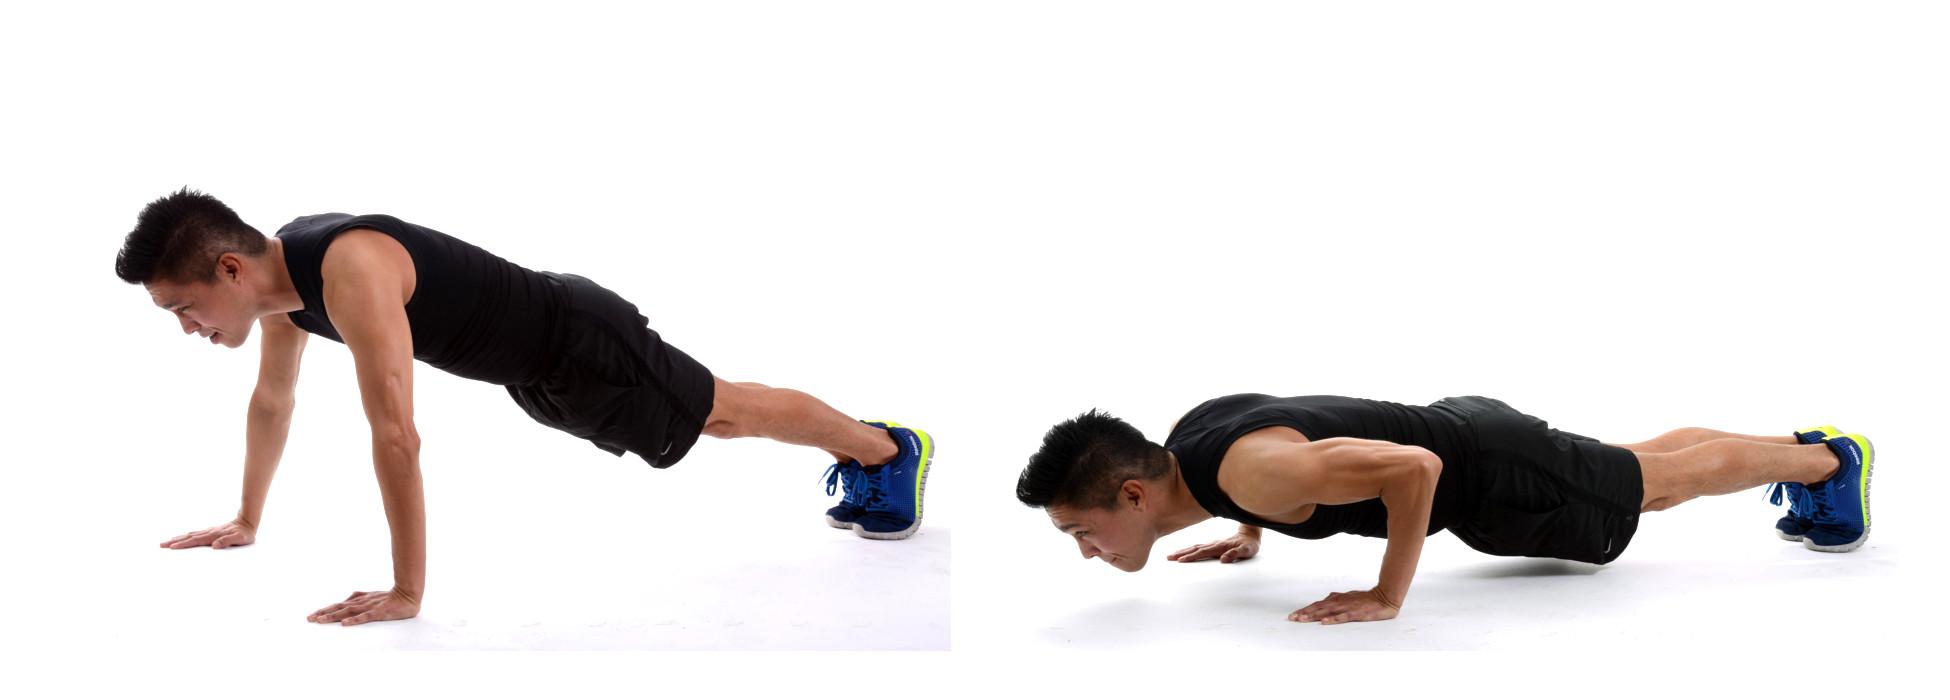 Liegestütz richtig machen mit gestreckten Armen und tiefe Position nah am Boden